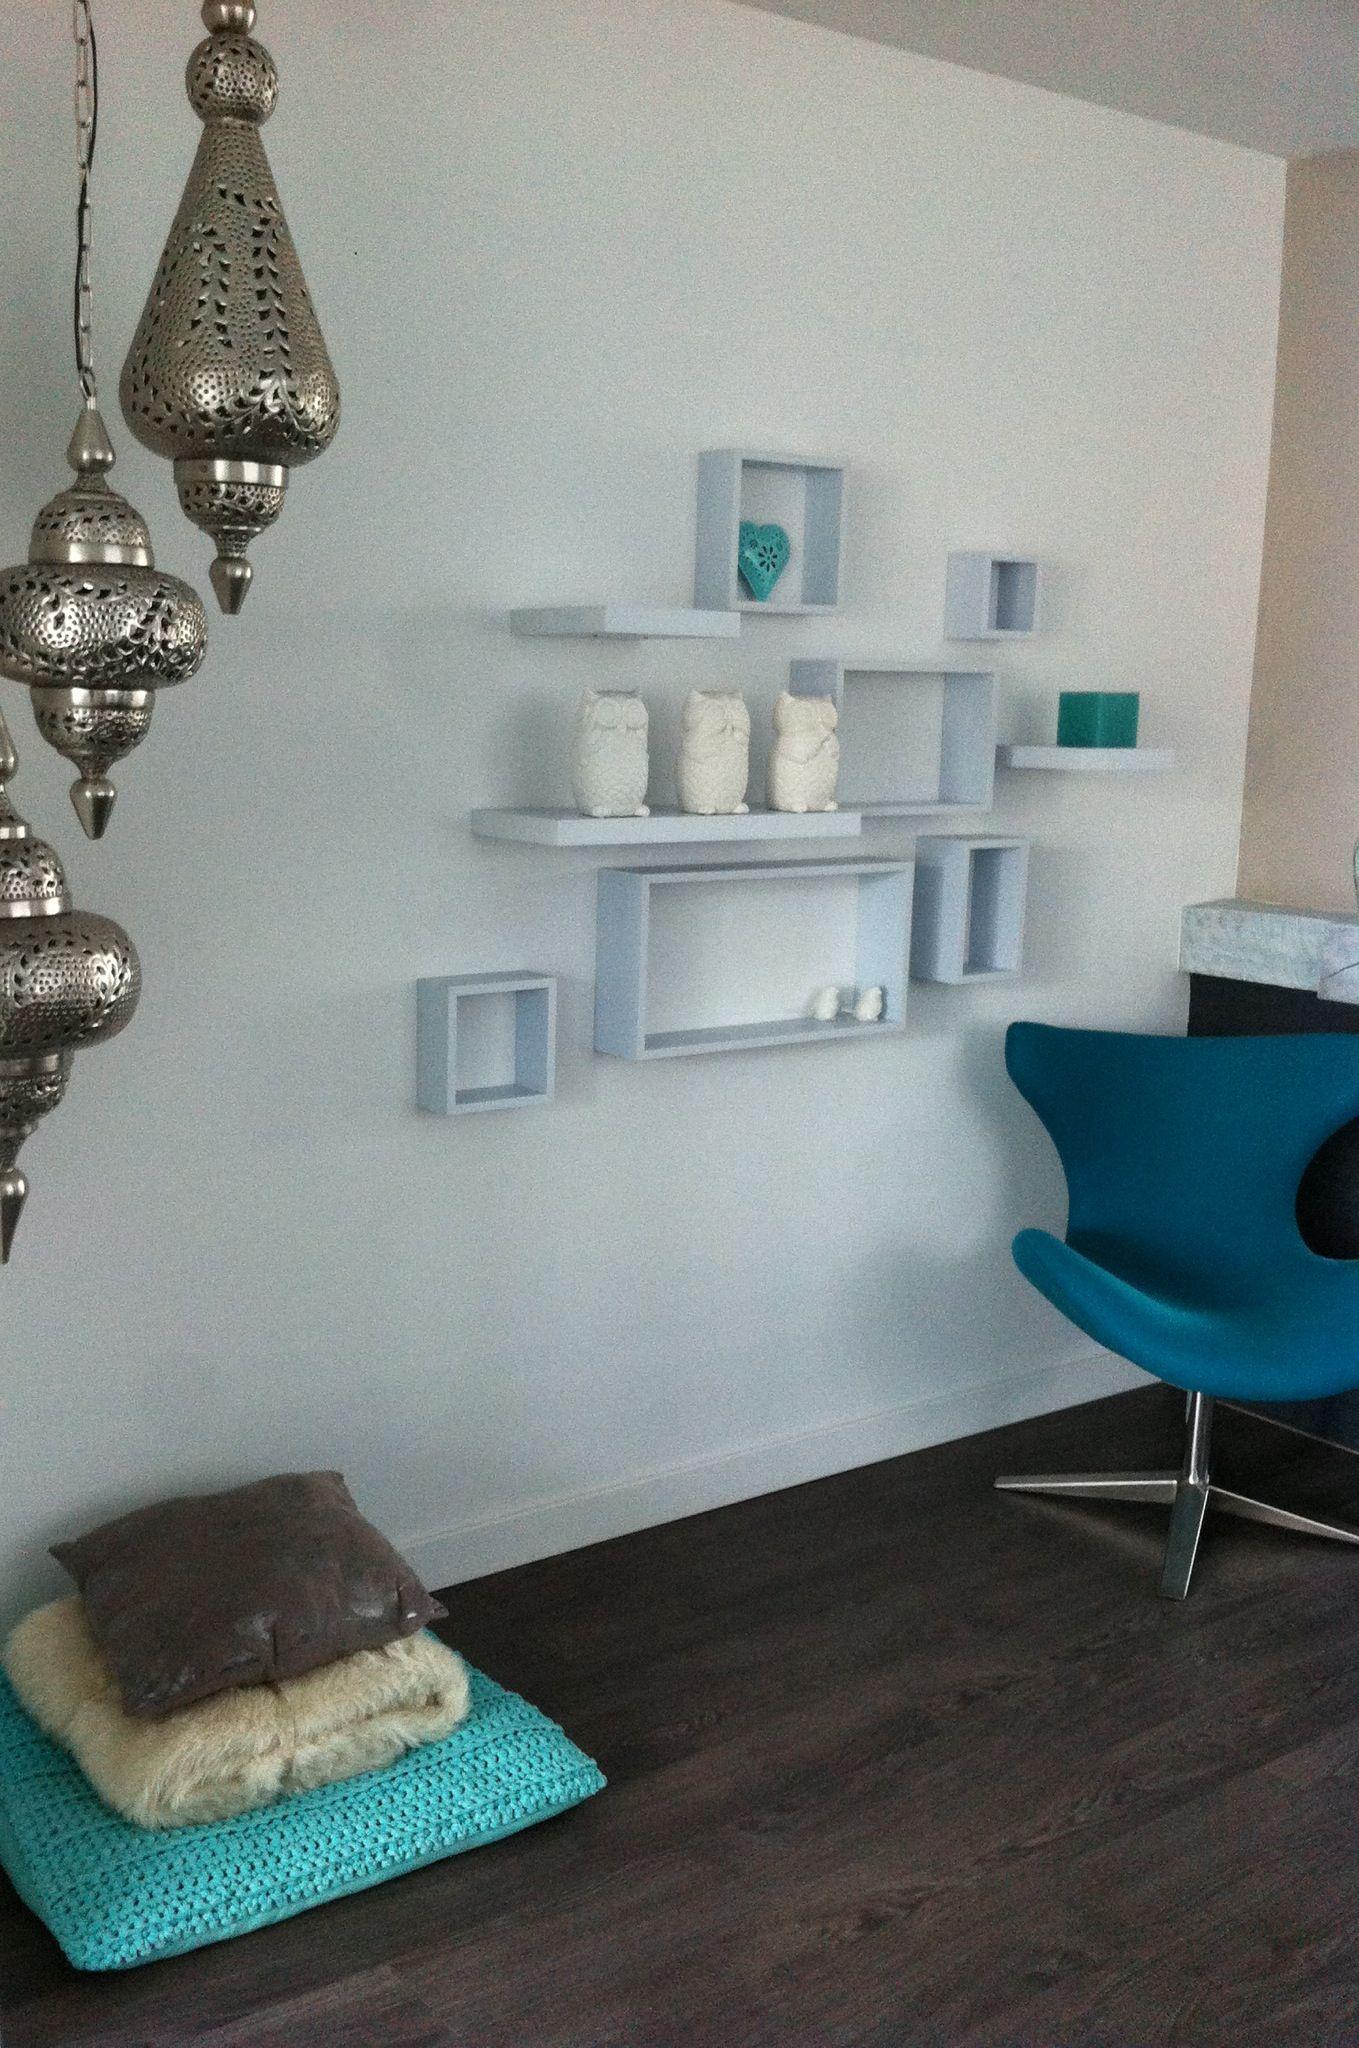 Sfeerimpressie woonkamer, like de kleuren en accesoires ...